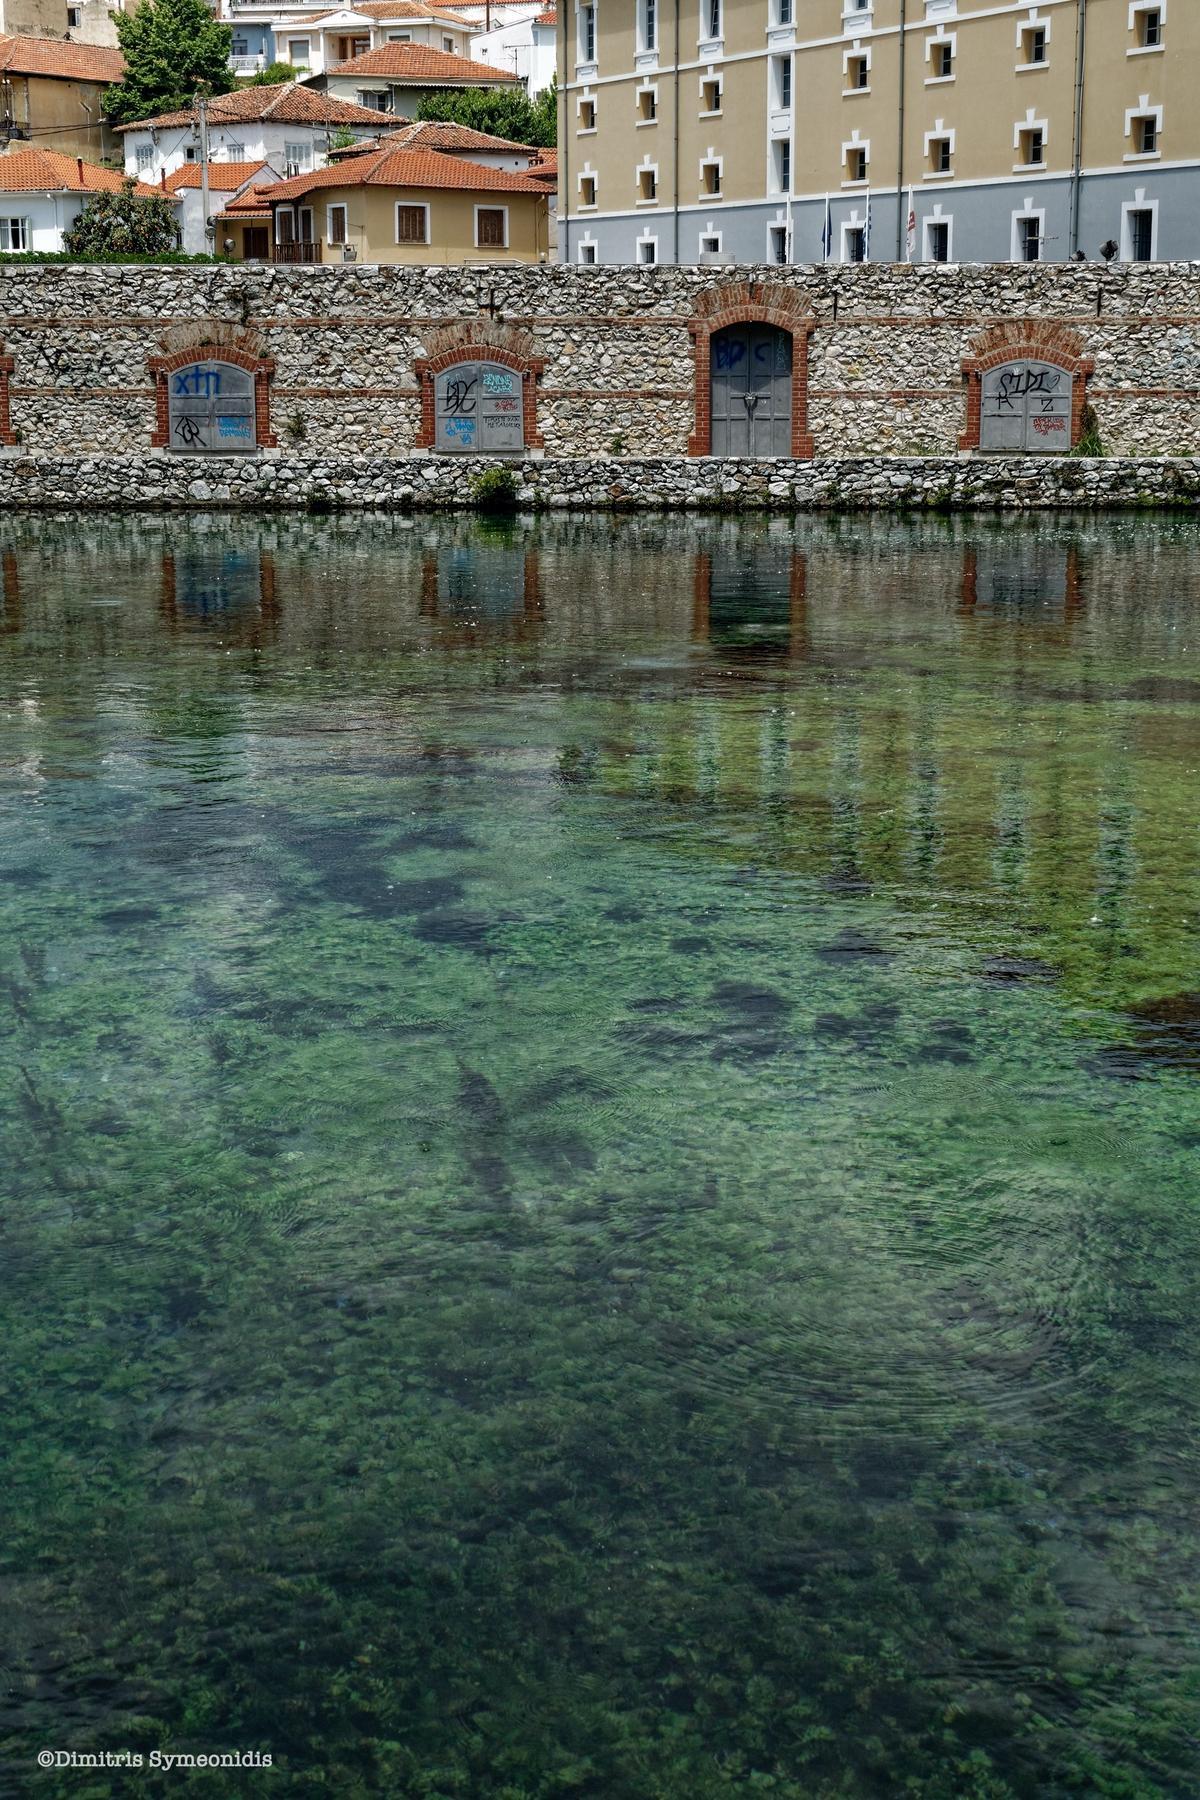 Ο ωραιότερος  κήπος της Ελλάδας, με πράσινα νερά στο κέντρο της πόλης! Δράμα και Αγία Βαρβάρα